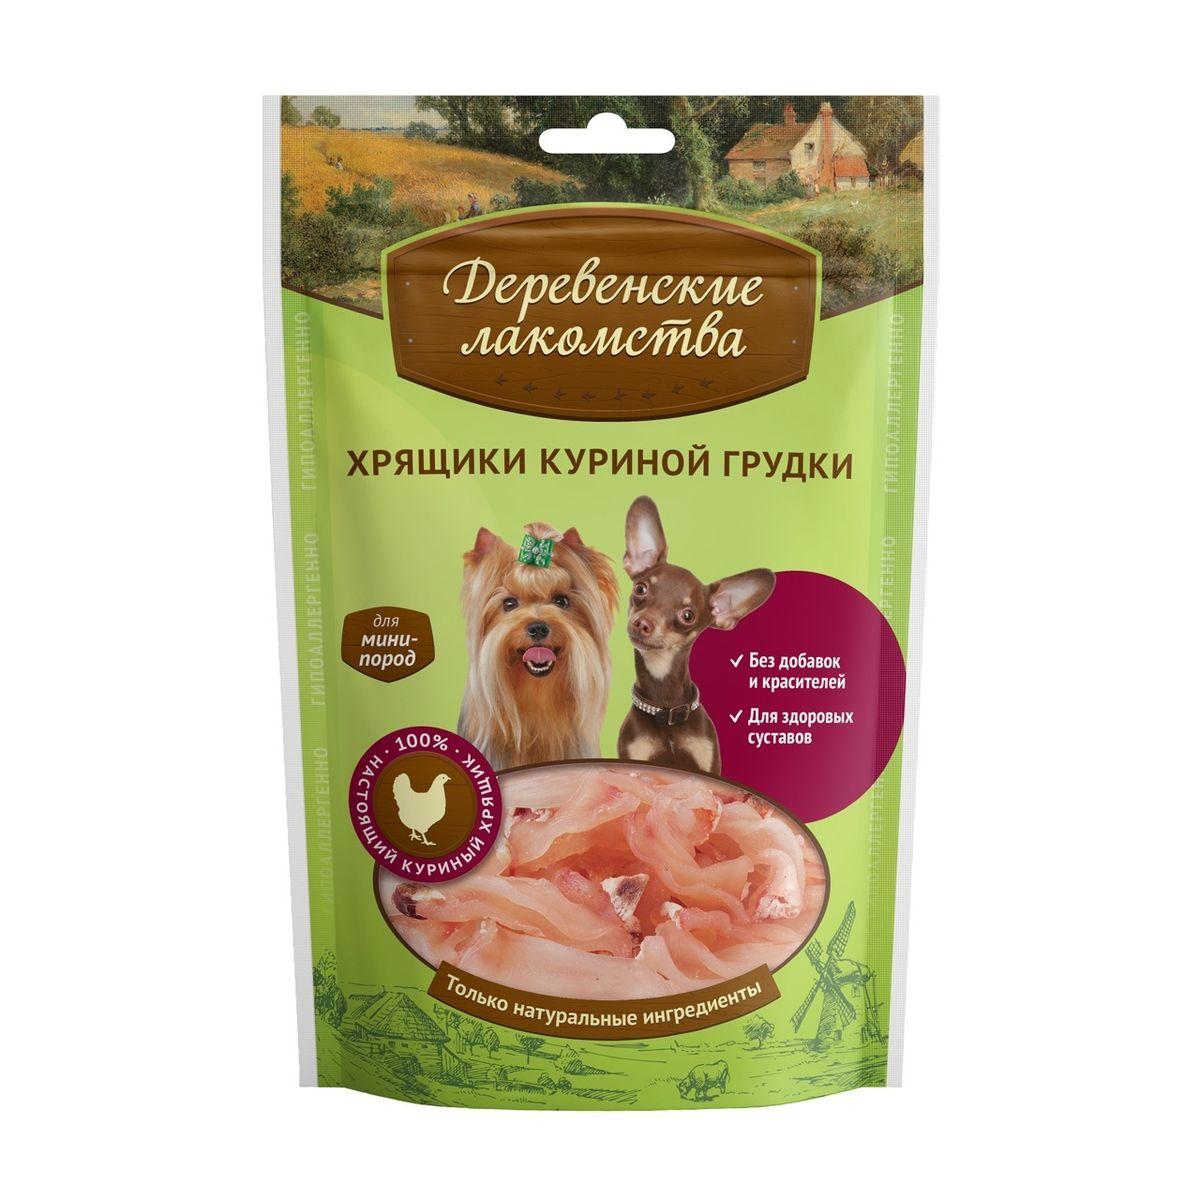 Лакомство Деревенские лакомства для собак мини-пород, хрящики куриной грудки, 30 г0120710Эксклюзивное, не имеющее аналогов на рынке, угощение для собак с большим количеством витаминов и минералов, которые так необходимы для крепких суставов. Состав: хрящ куриный. Гарантированные показатели на 100 г продукта:белок — 45,0 г,жир — 1,5 г,влага — 20,0 г,клетчатка — 0,2 г,зола — 3,5 г. Энергетическая ценность в 100 г продукта: 345,0 ккал. Товар сертифицирован.